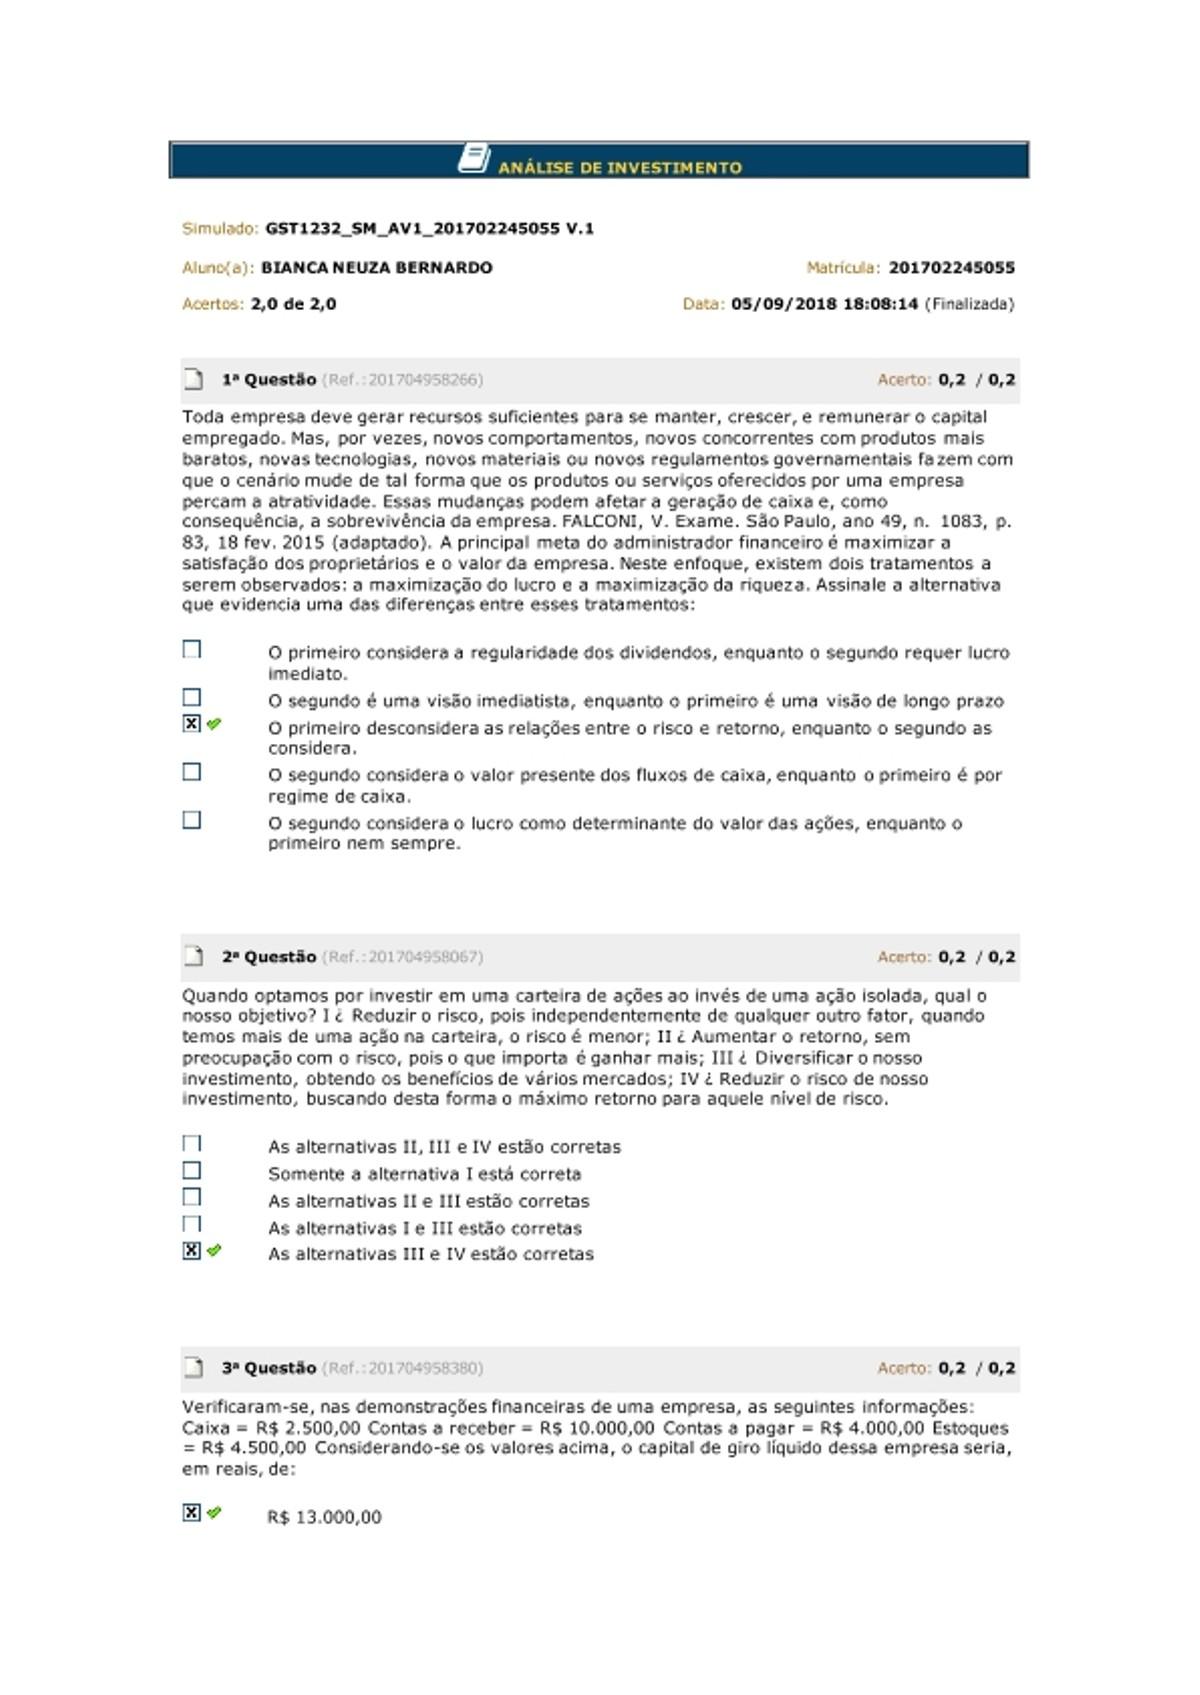 Pre-visualização do material ANÁLISE DE INVESTIMENTO - página 1